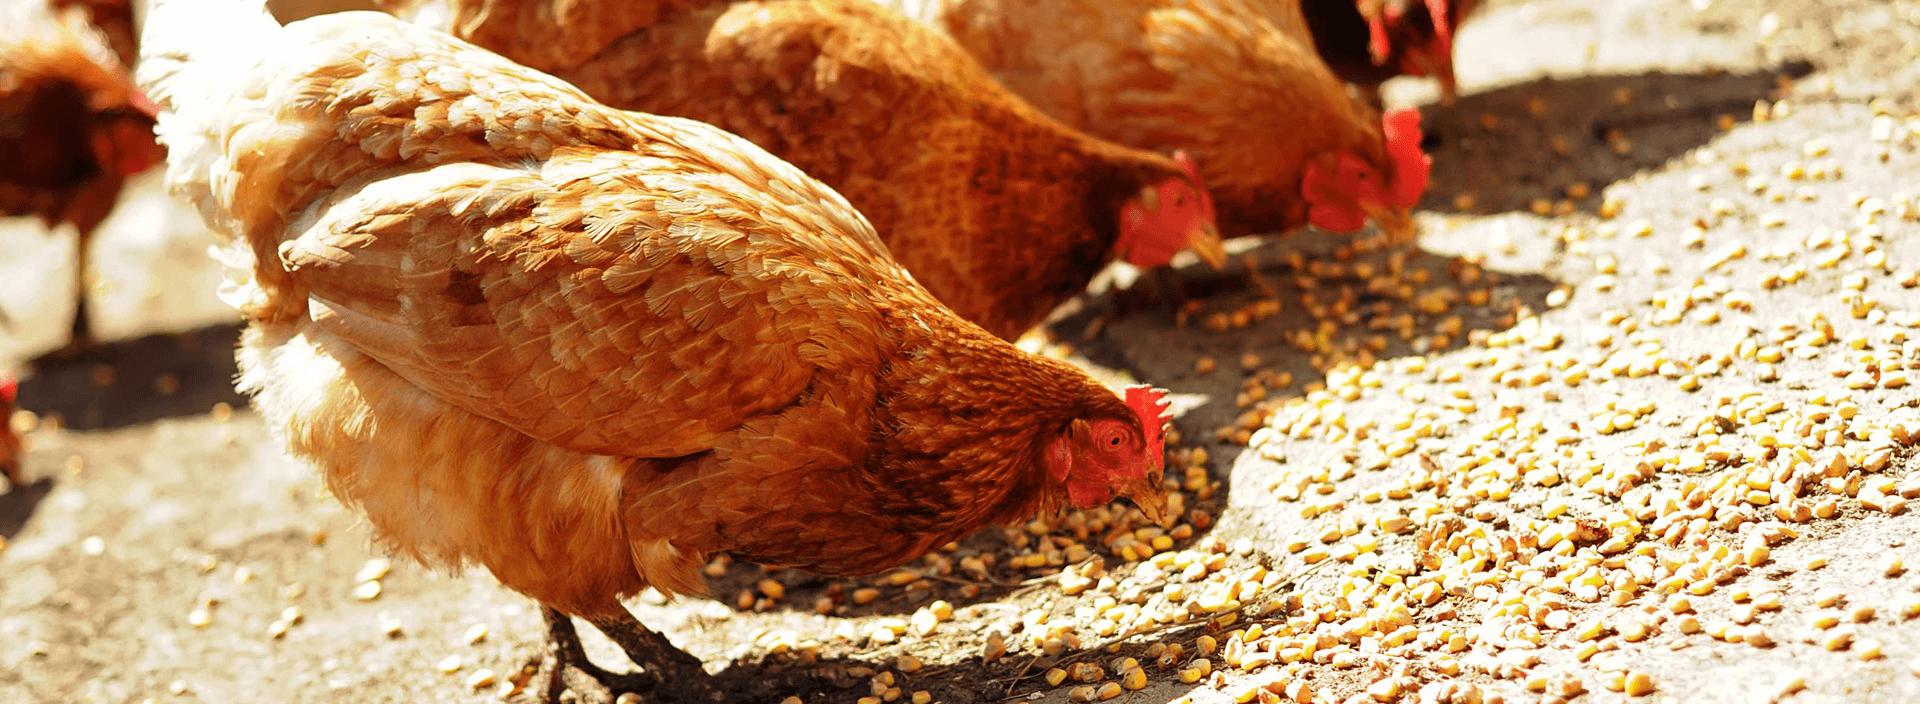 Бройлеры – выращивание в домашних условиях с нуля: кормление, породы, технология